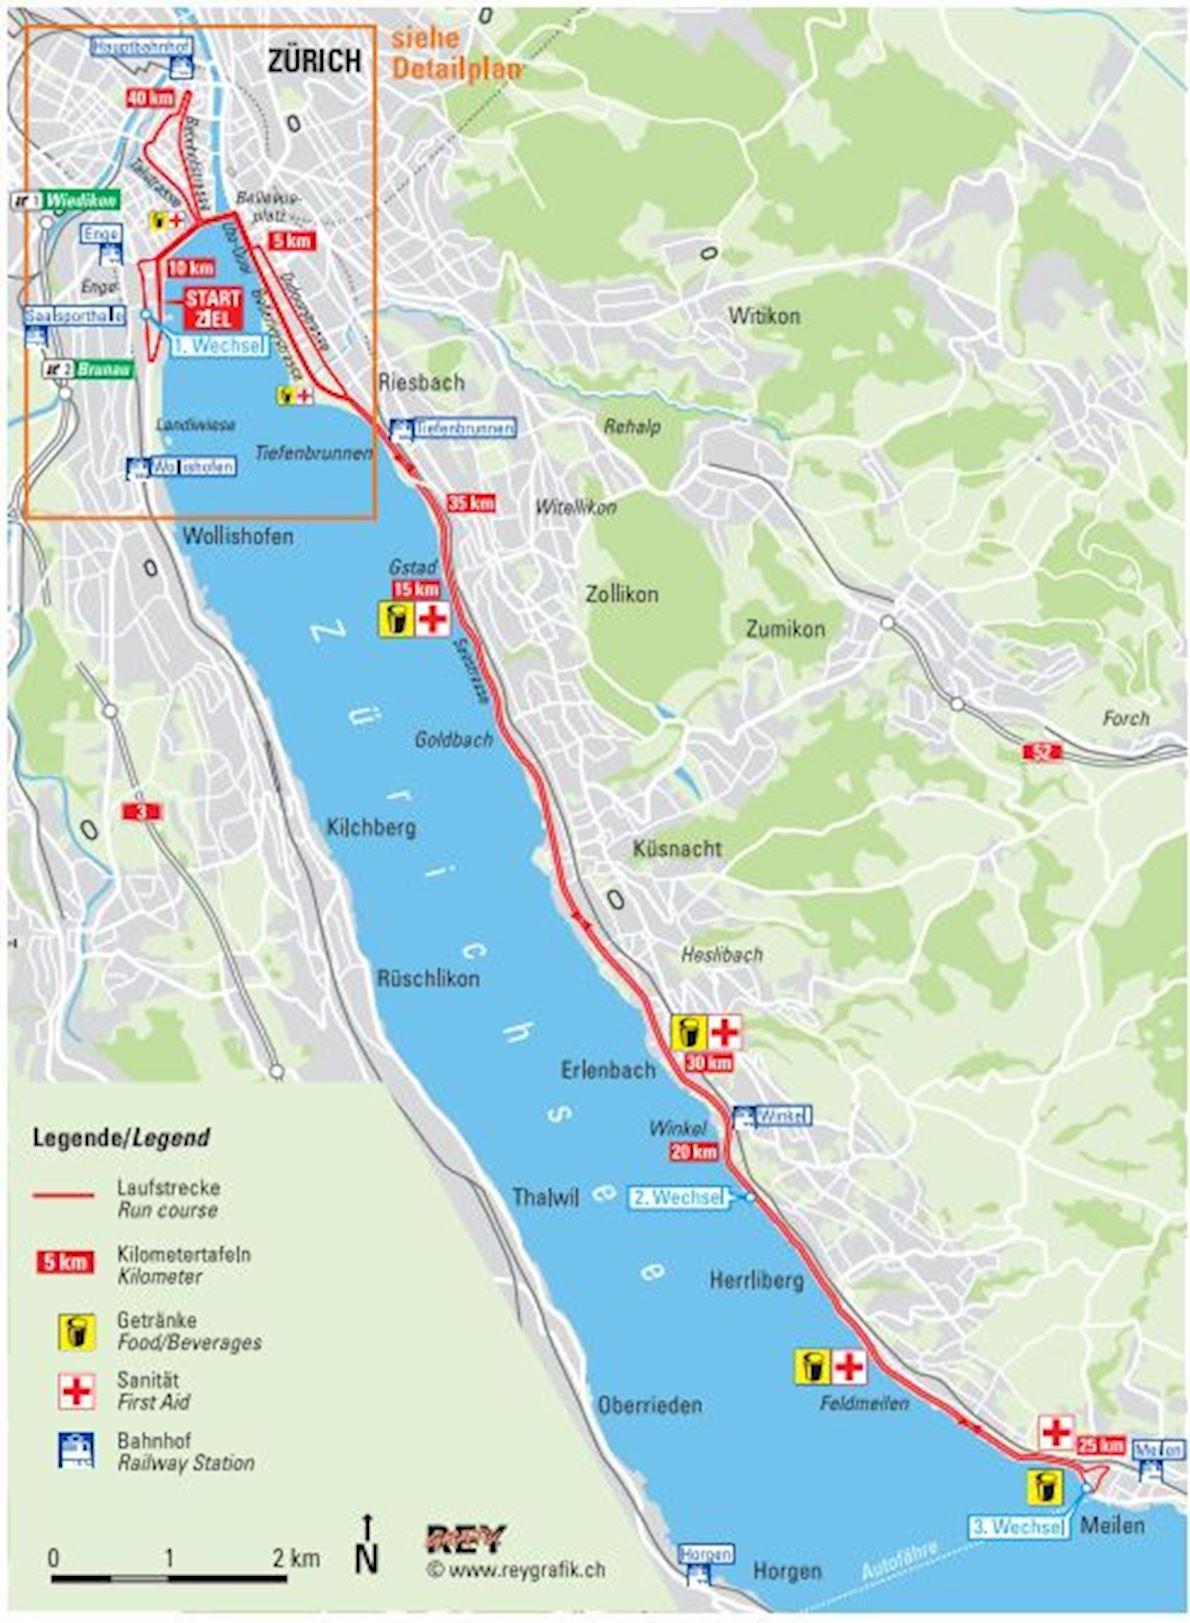 Zürich Marathon Routenkarte